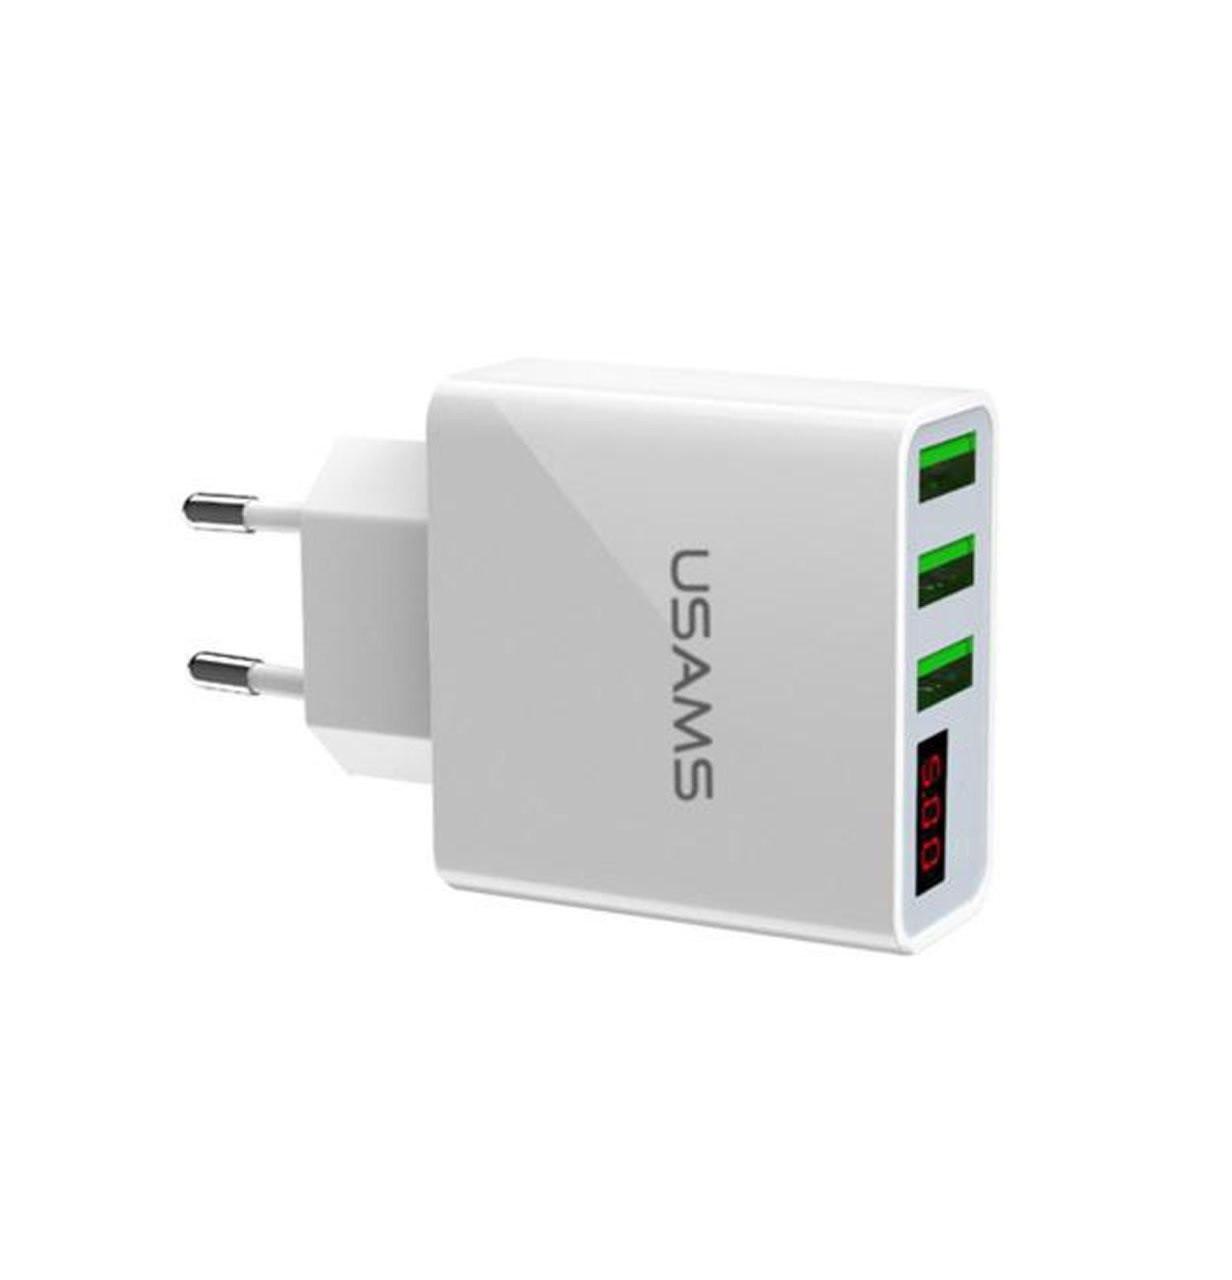 Зарядний пристрій USAMS на 3 USB порту з вбудованим тестером: дисплей споживання струму та напруги